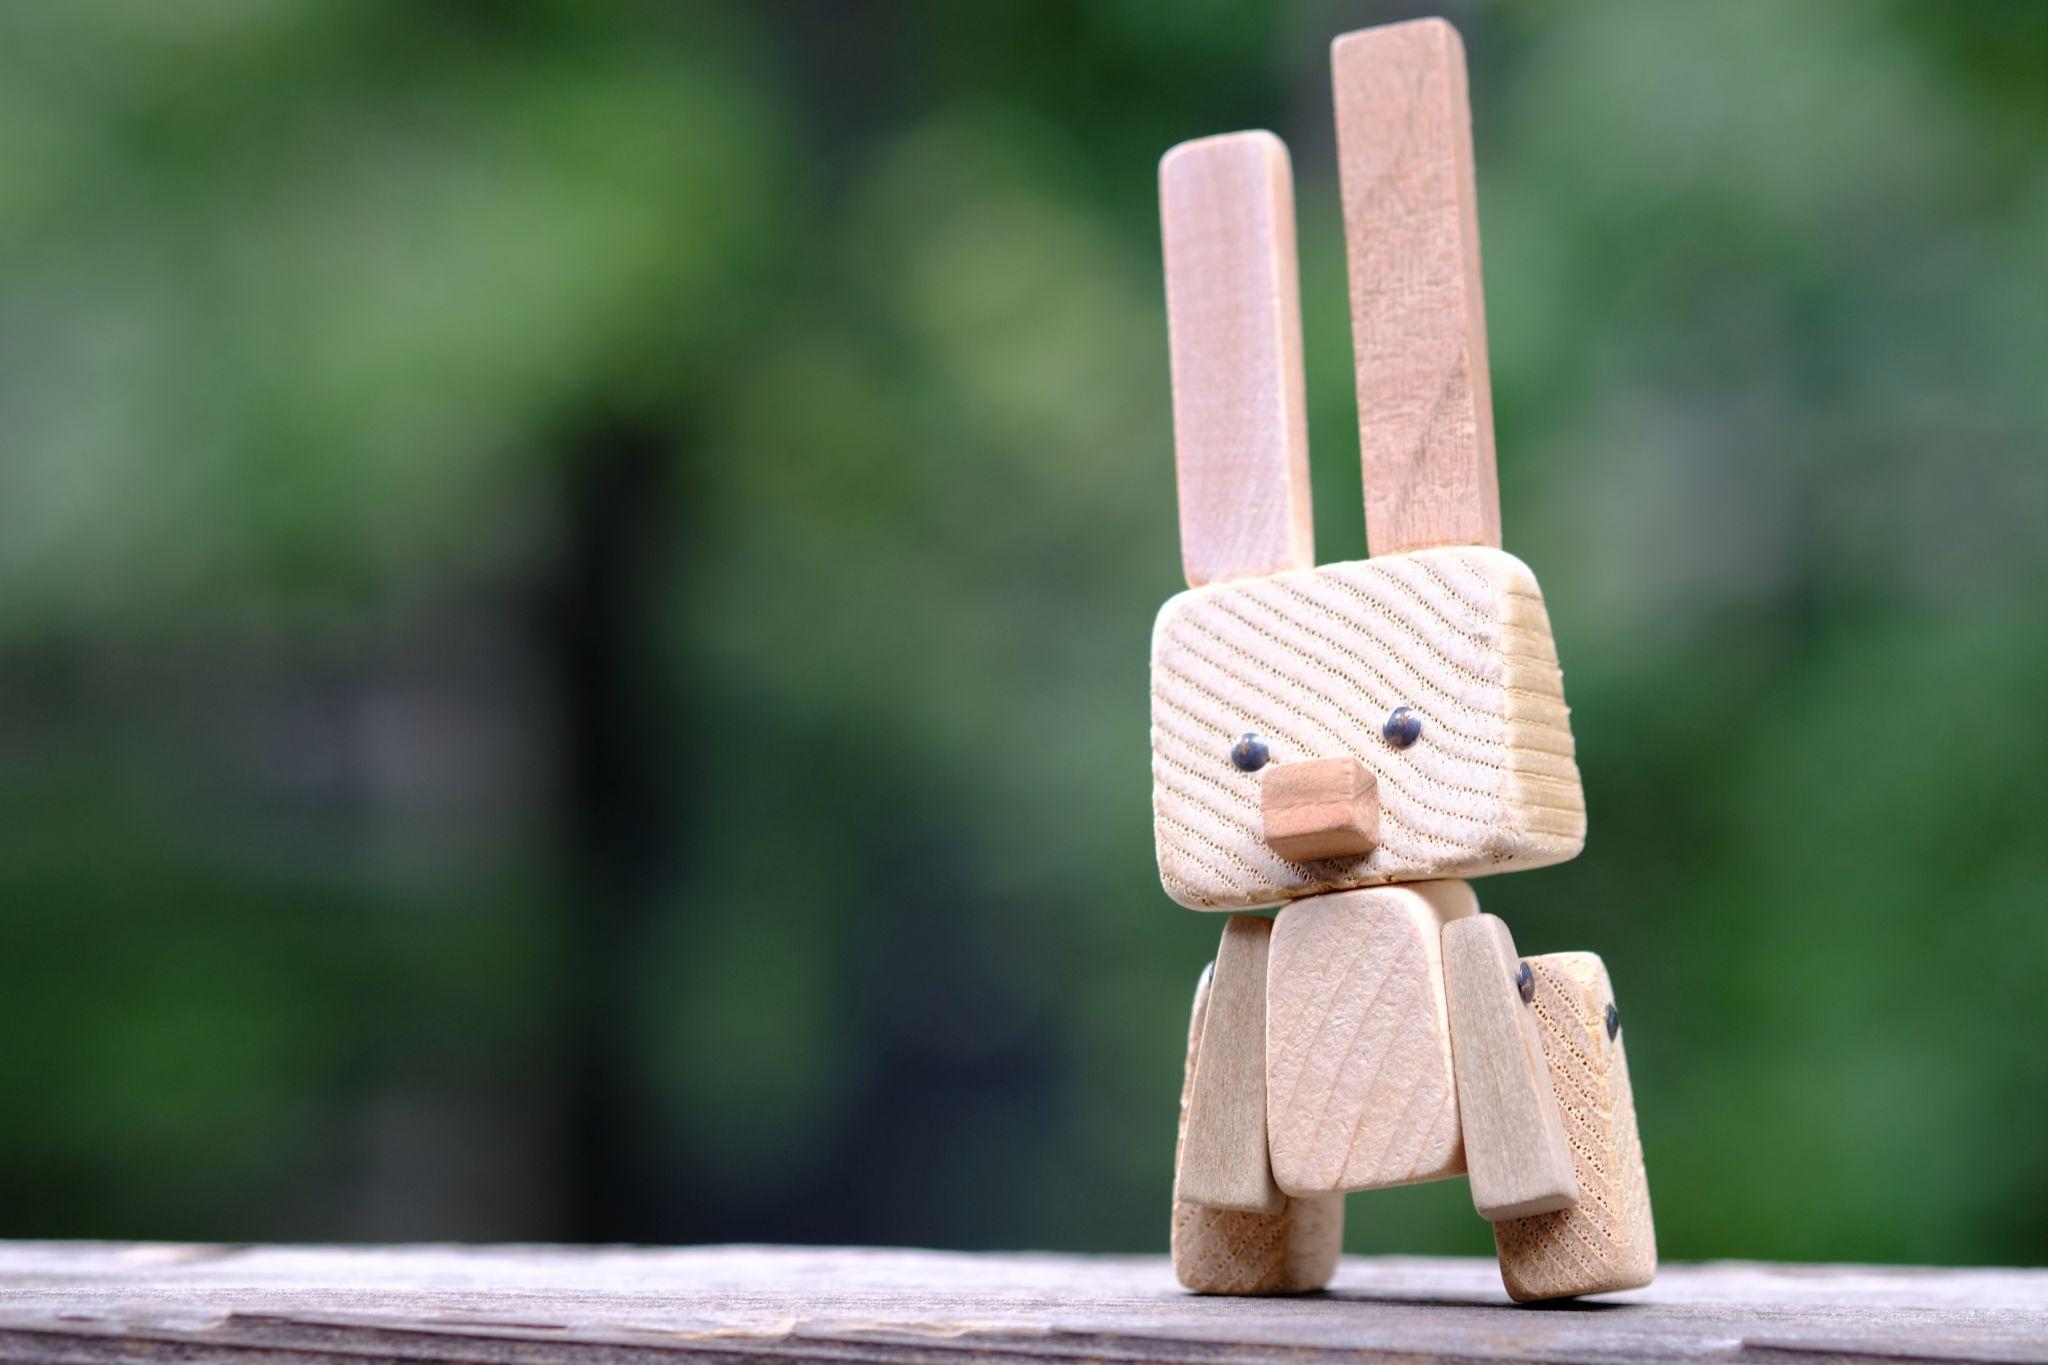 木っ端アート、ウサギのピョン